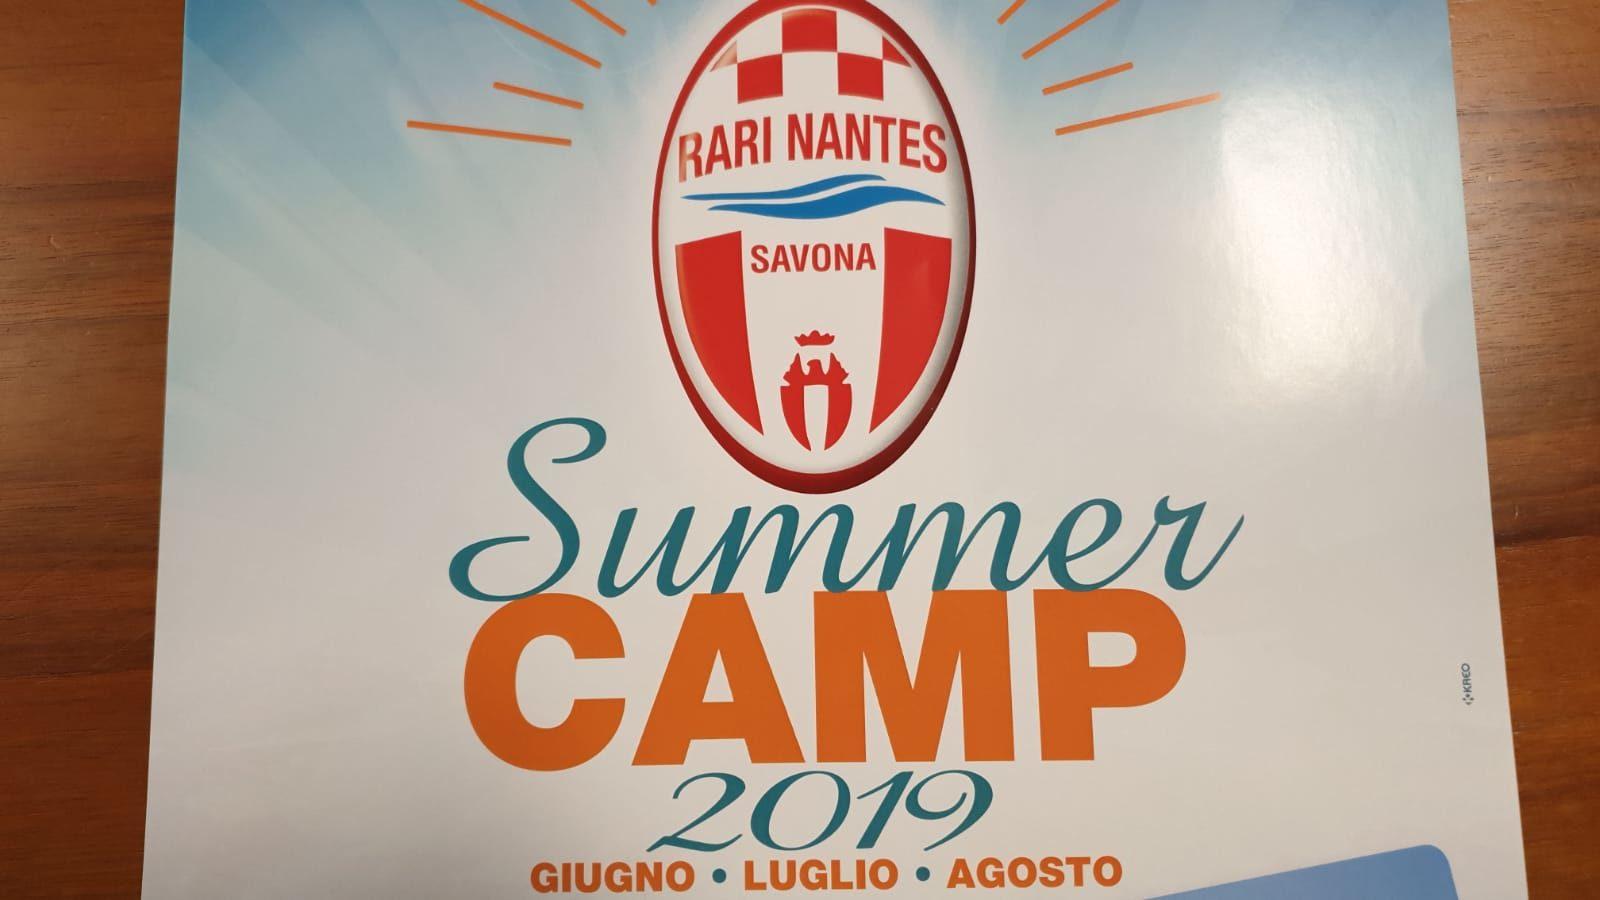 Summer camp 2019 la rari nantes savona organizza i campi estivi per bambini e ragazzi dai 5 ai - Piscina zanelli savona ...